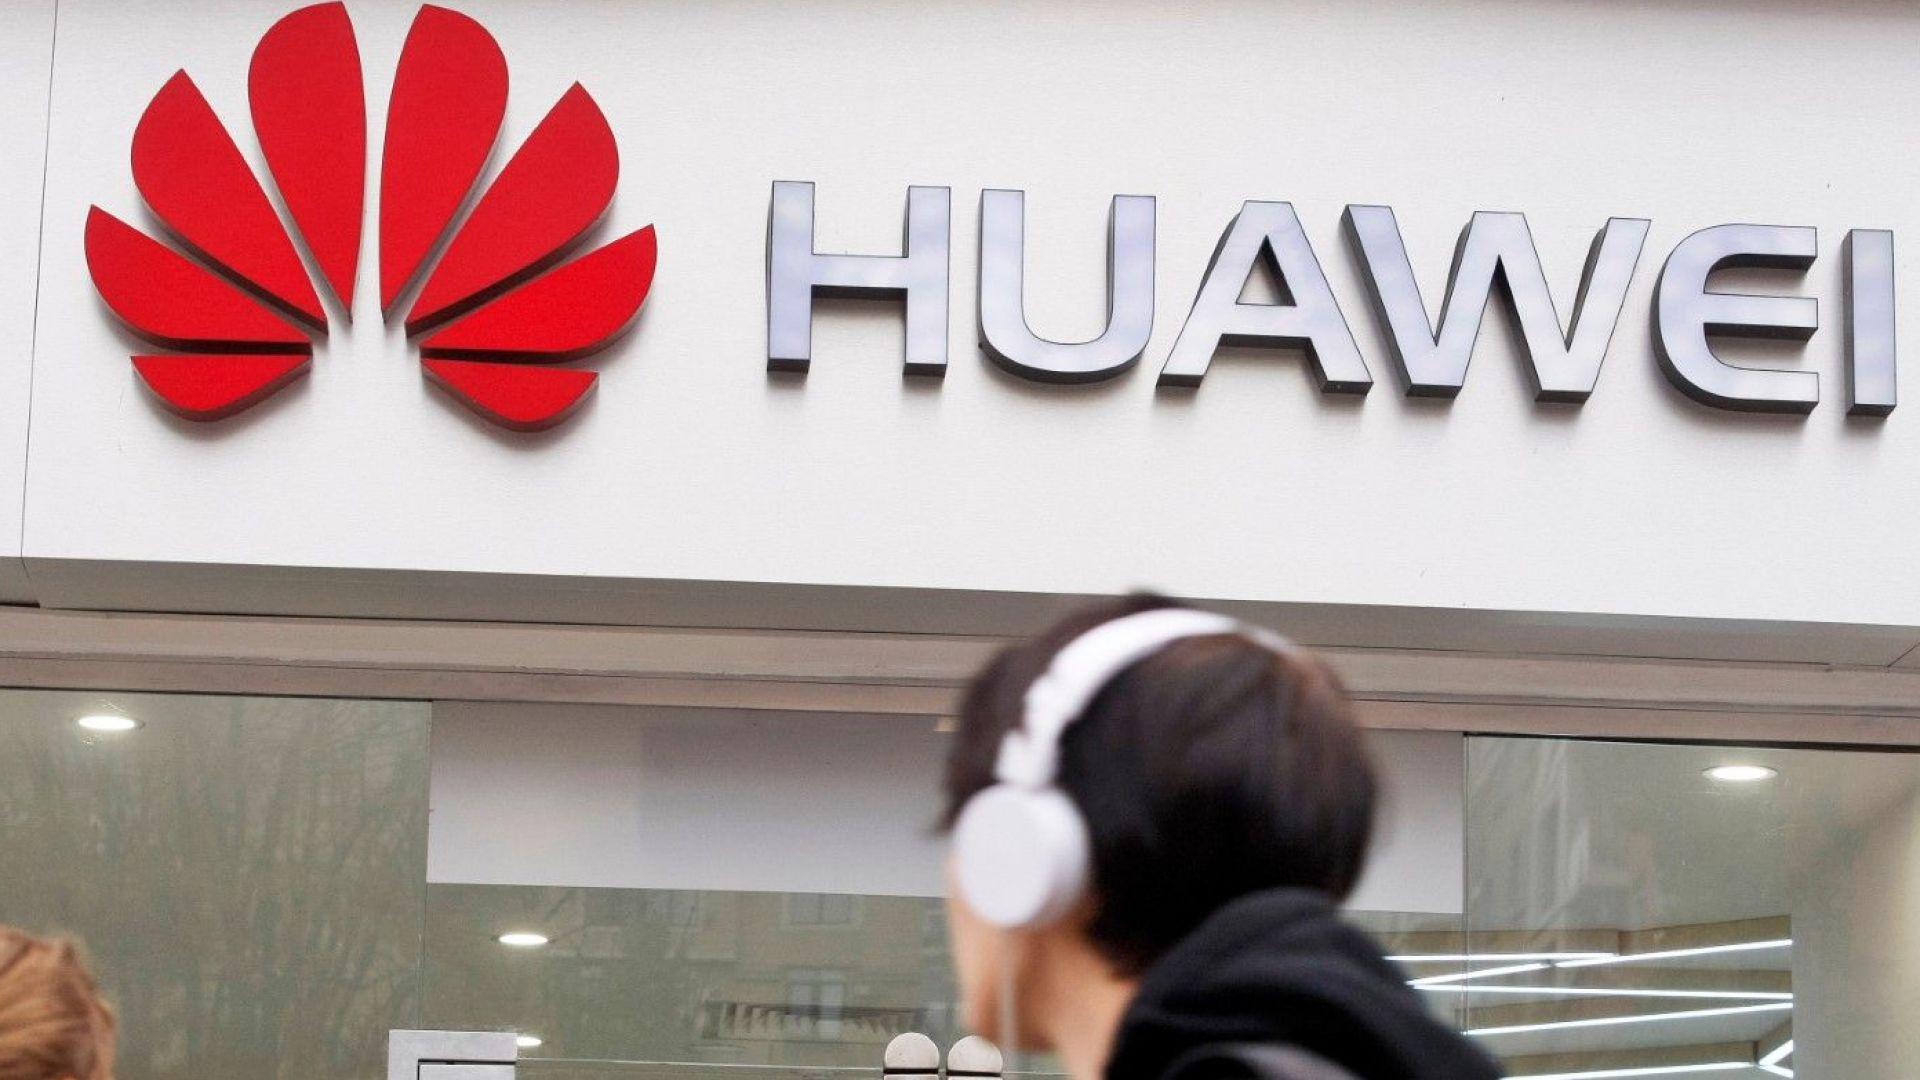 Половината молби за международни патенти идват от Азия, Хуаве с 5405